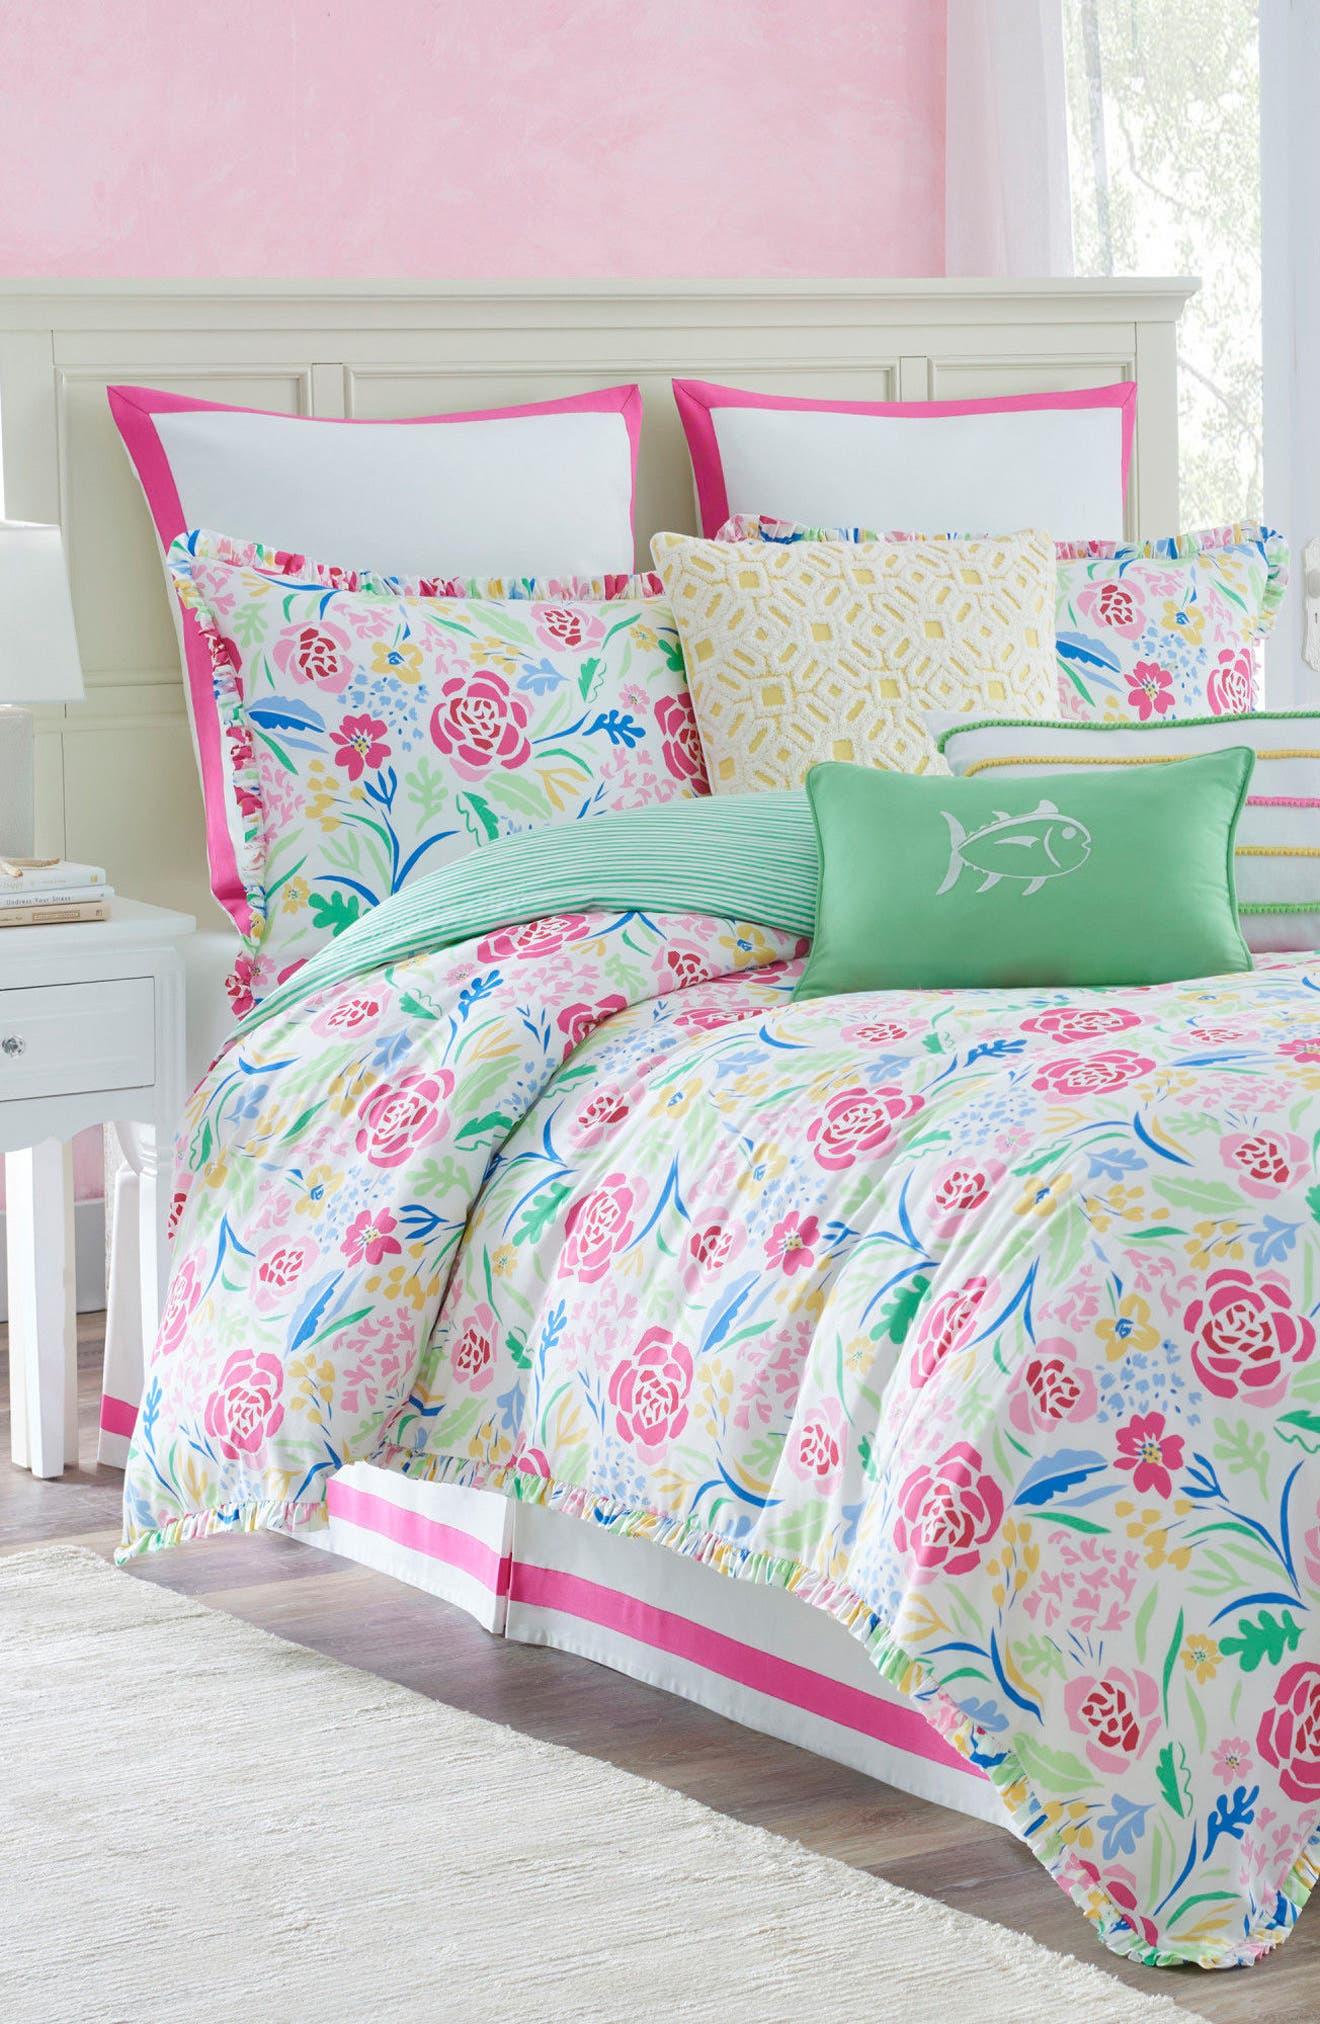 Kiawah Floral Comforter, Sham & Bed Skirt Set,                         Main,                         color, Multi